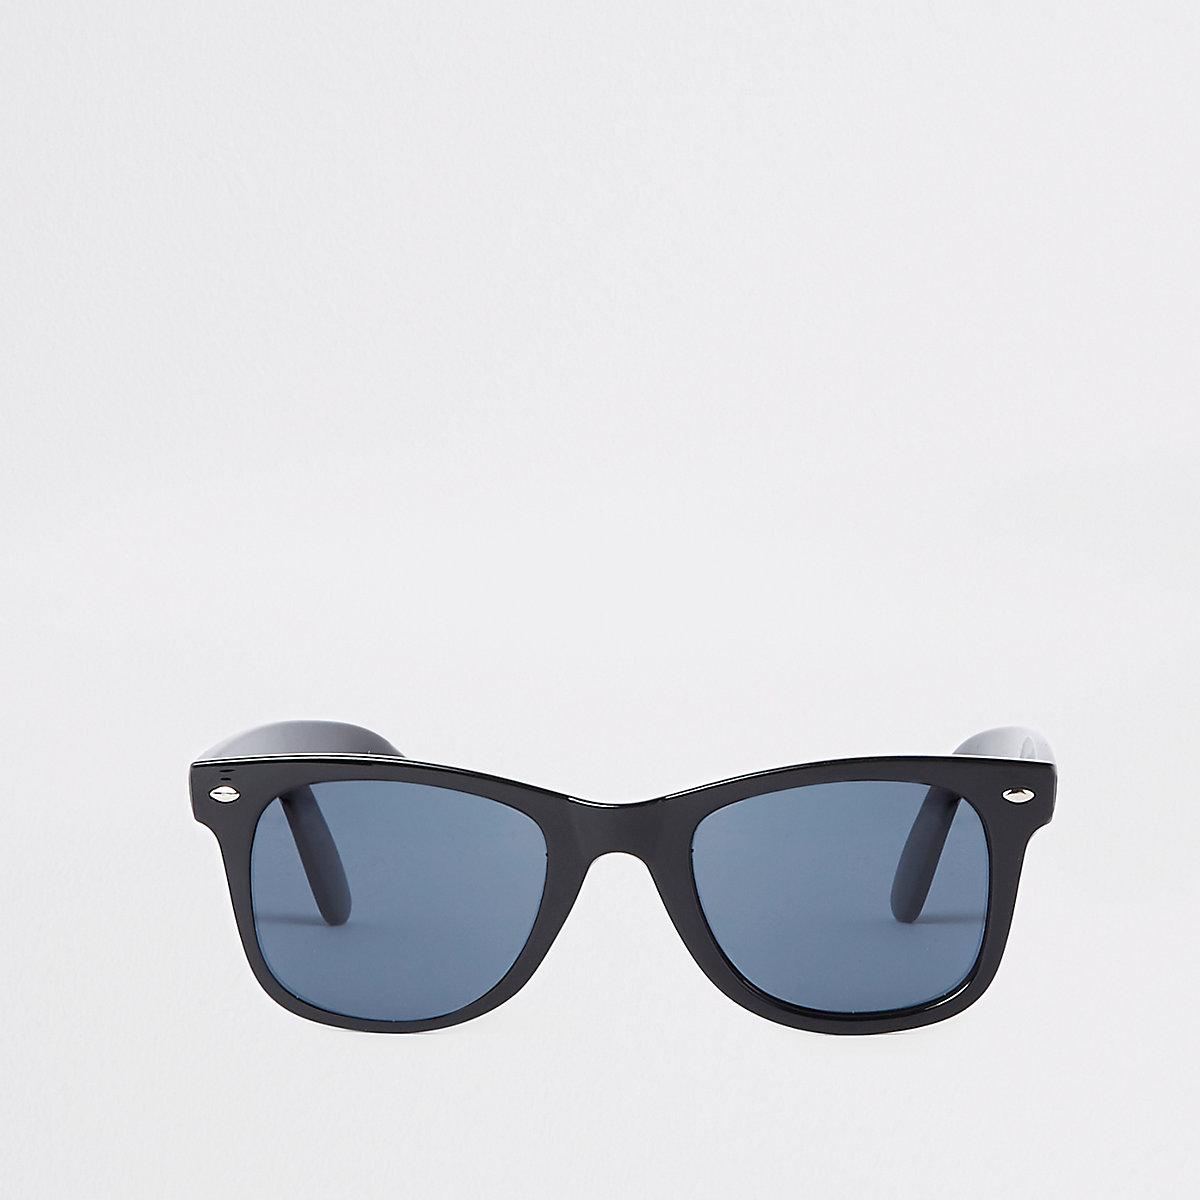 Lunettes de soleil rétro slim carrées noires à verres bleus